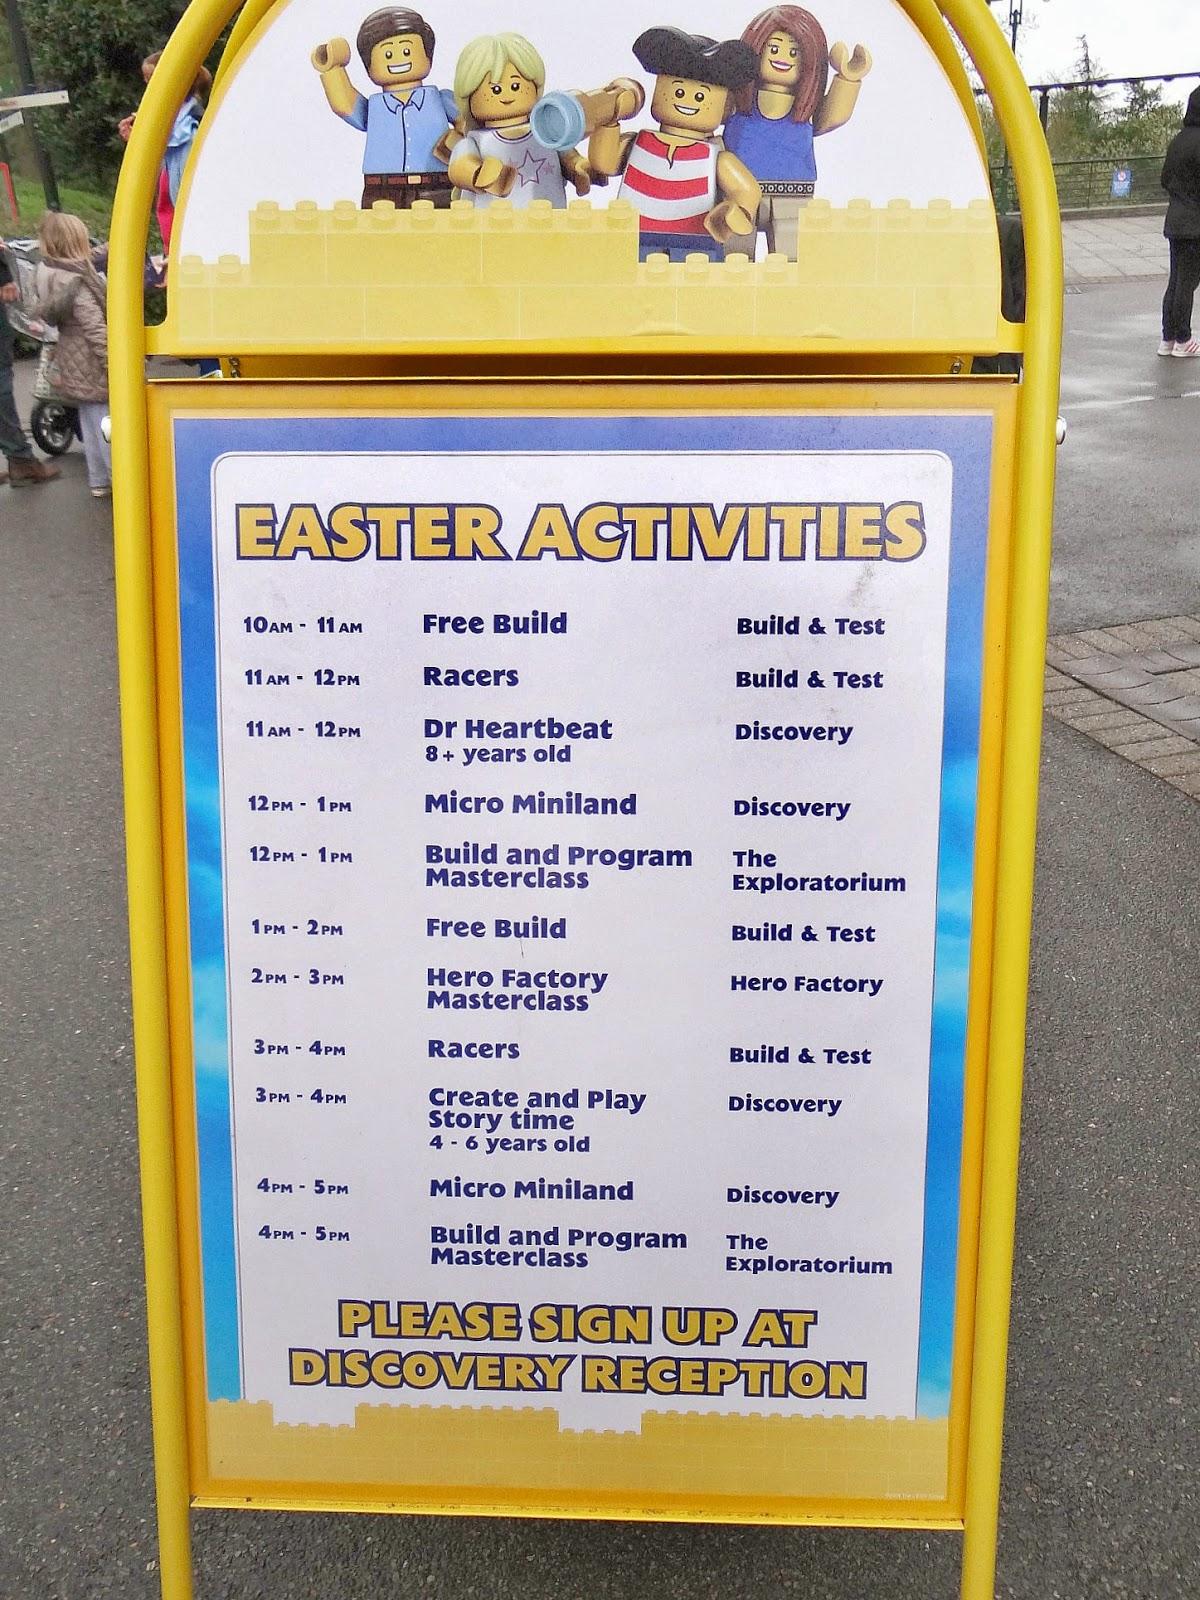 Legoland Windsor 2014, Legoland Windsor Easter, Legoland Windsor Imagination Centre Easter